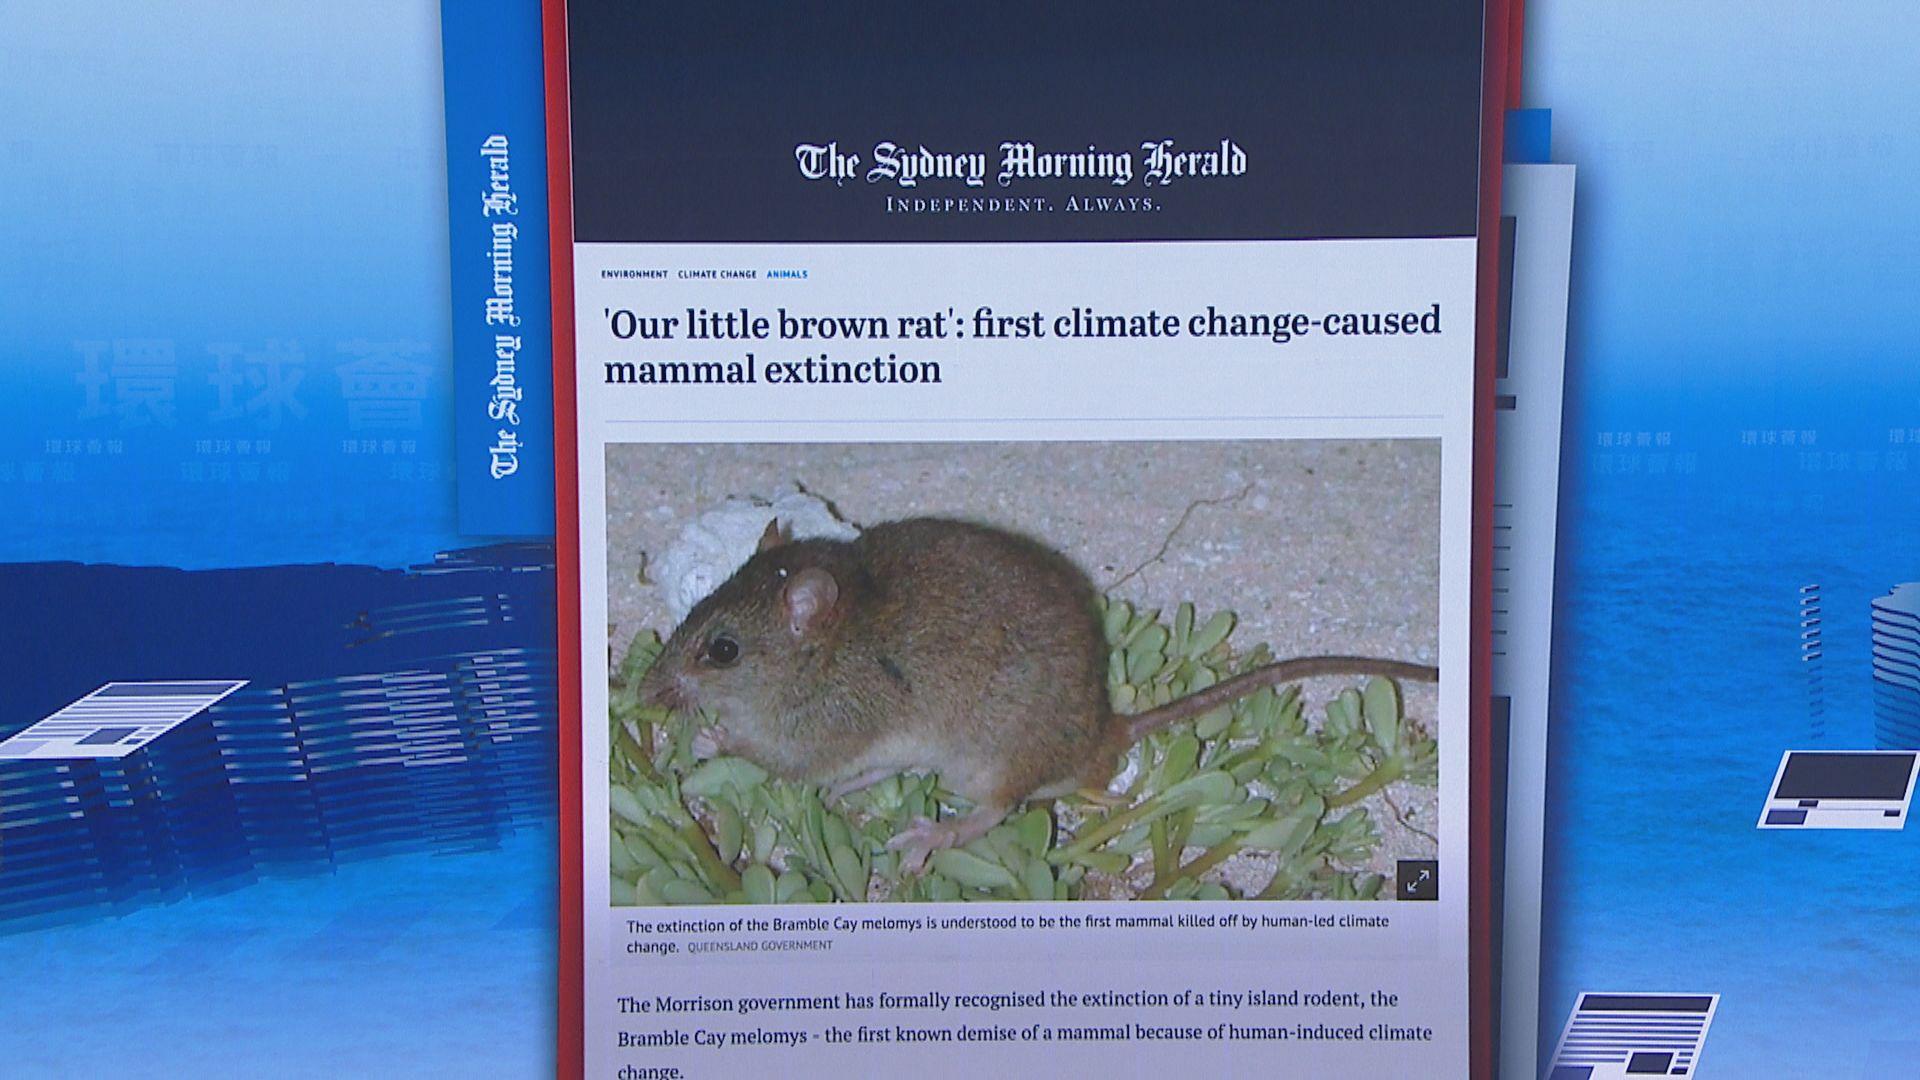 【環球薈報】大堡礁珊瑚裸尾鼠不敵氣候暖化絕種